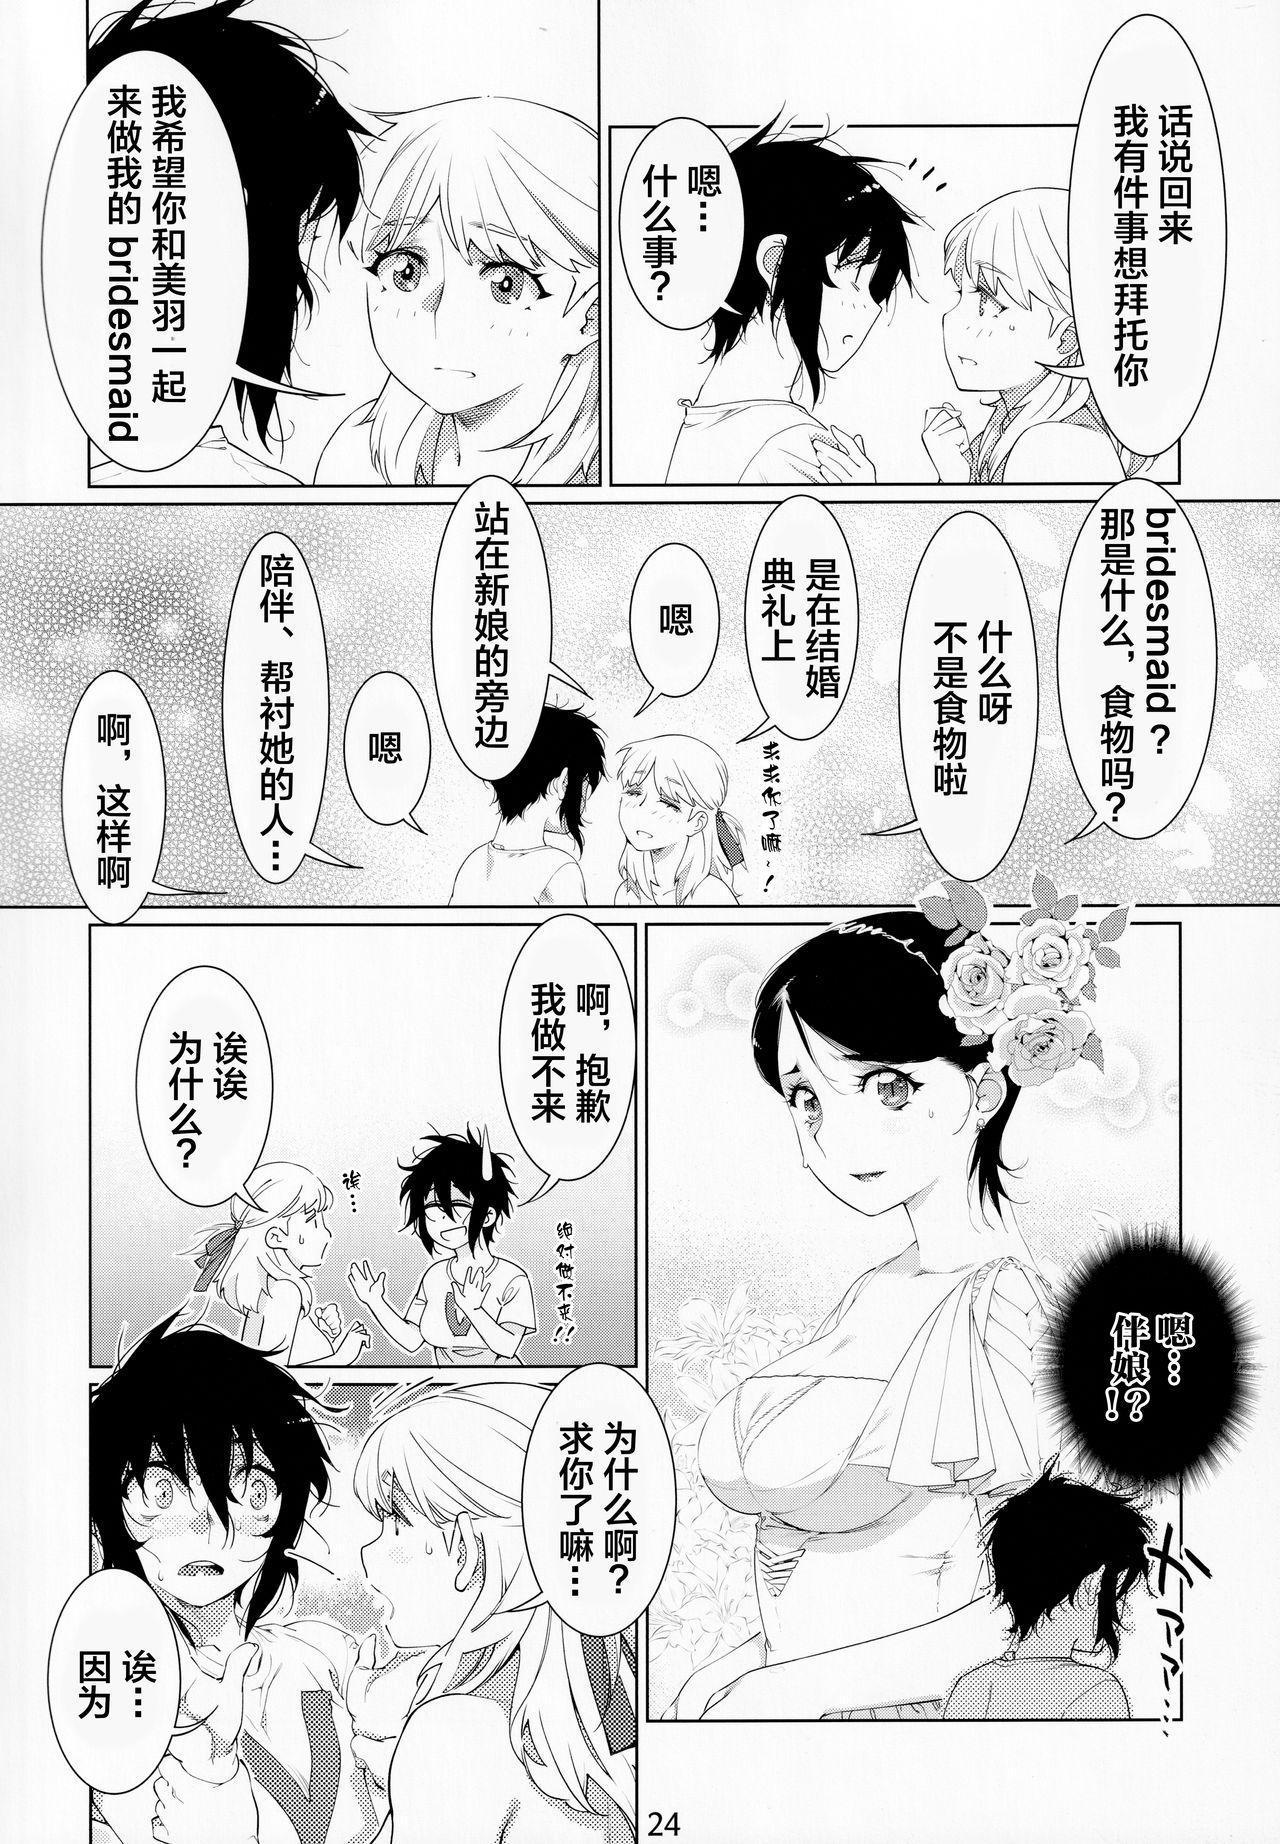 Otonano Omochiya Vol. 14 23